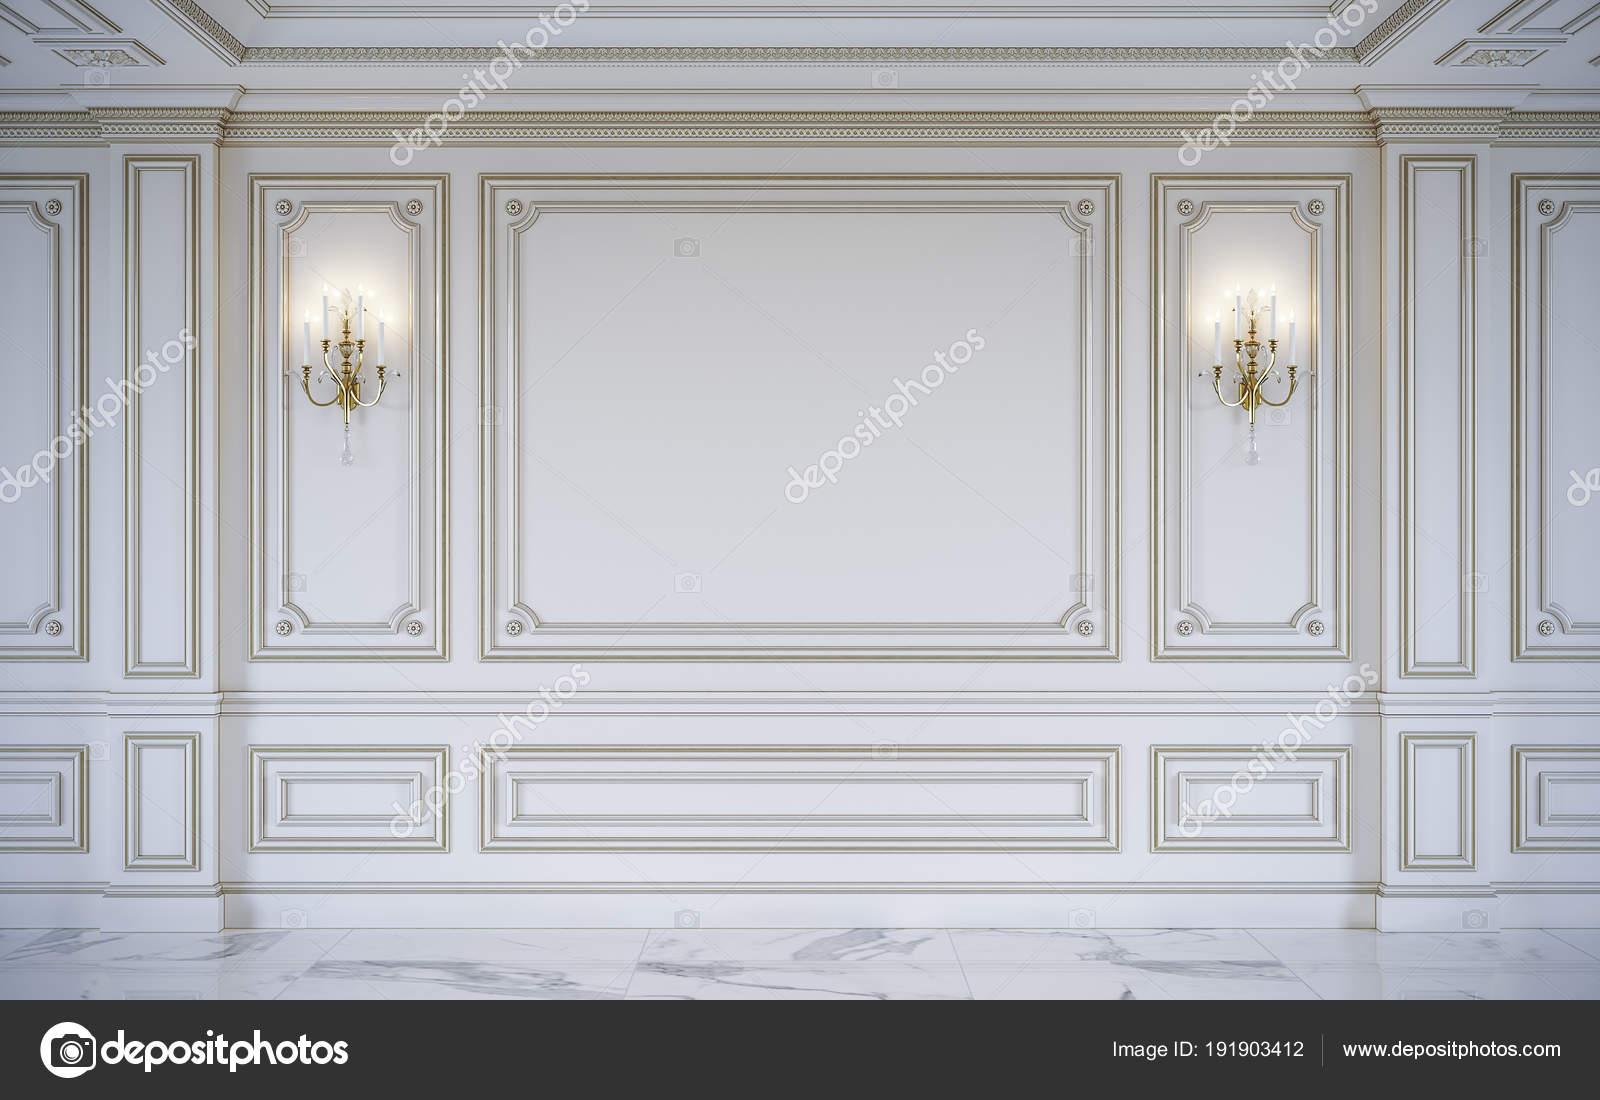 Weiße Wand-Paneele im klassischen Stil mit Vergoldung. 3D-Rendering ...